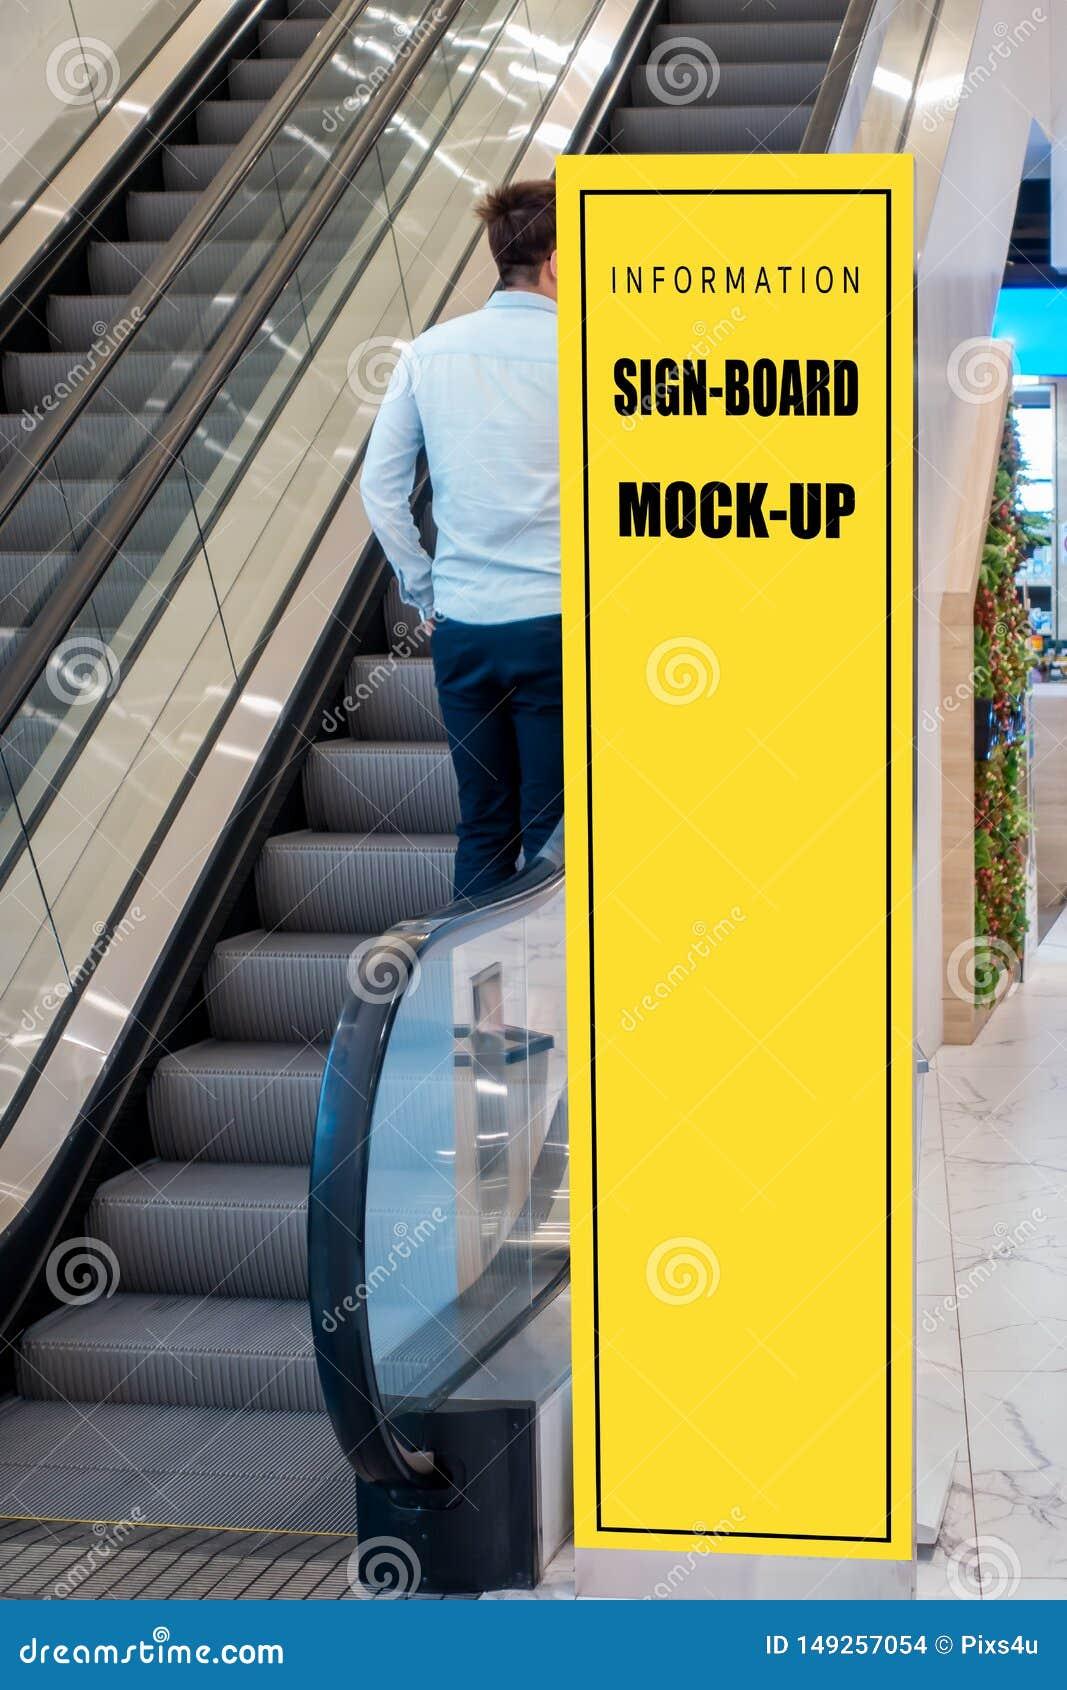 Mock Up Tall Signboard Near Escalator In Shopping Mall Stock Photo